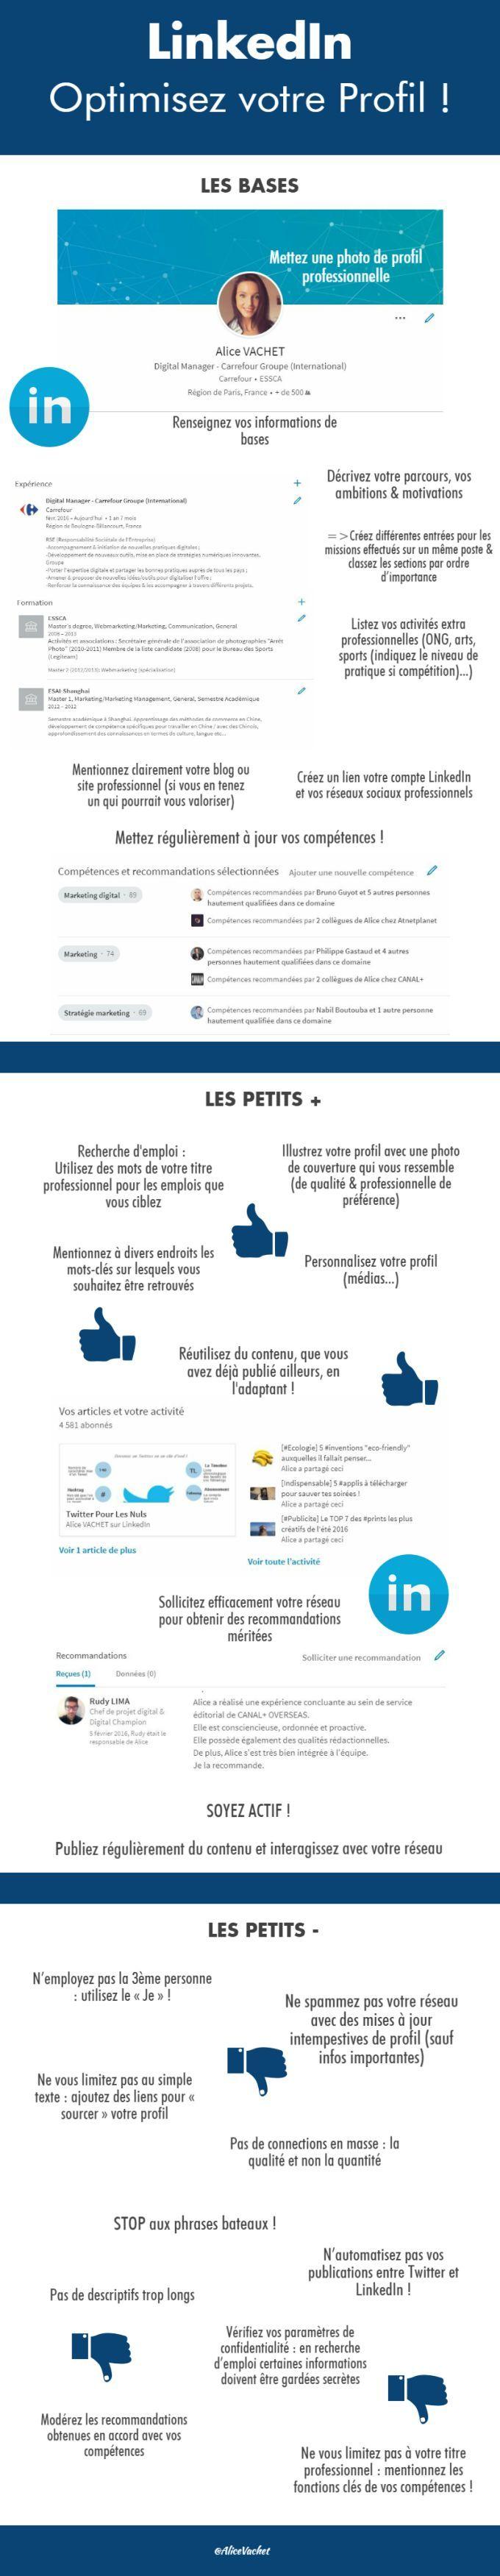 Infographie Social Media Optimisez Votre Profil Linkedin En 2020 Infographie Modele Cv Gratuit Word Reseaux Sociaux